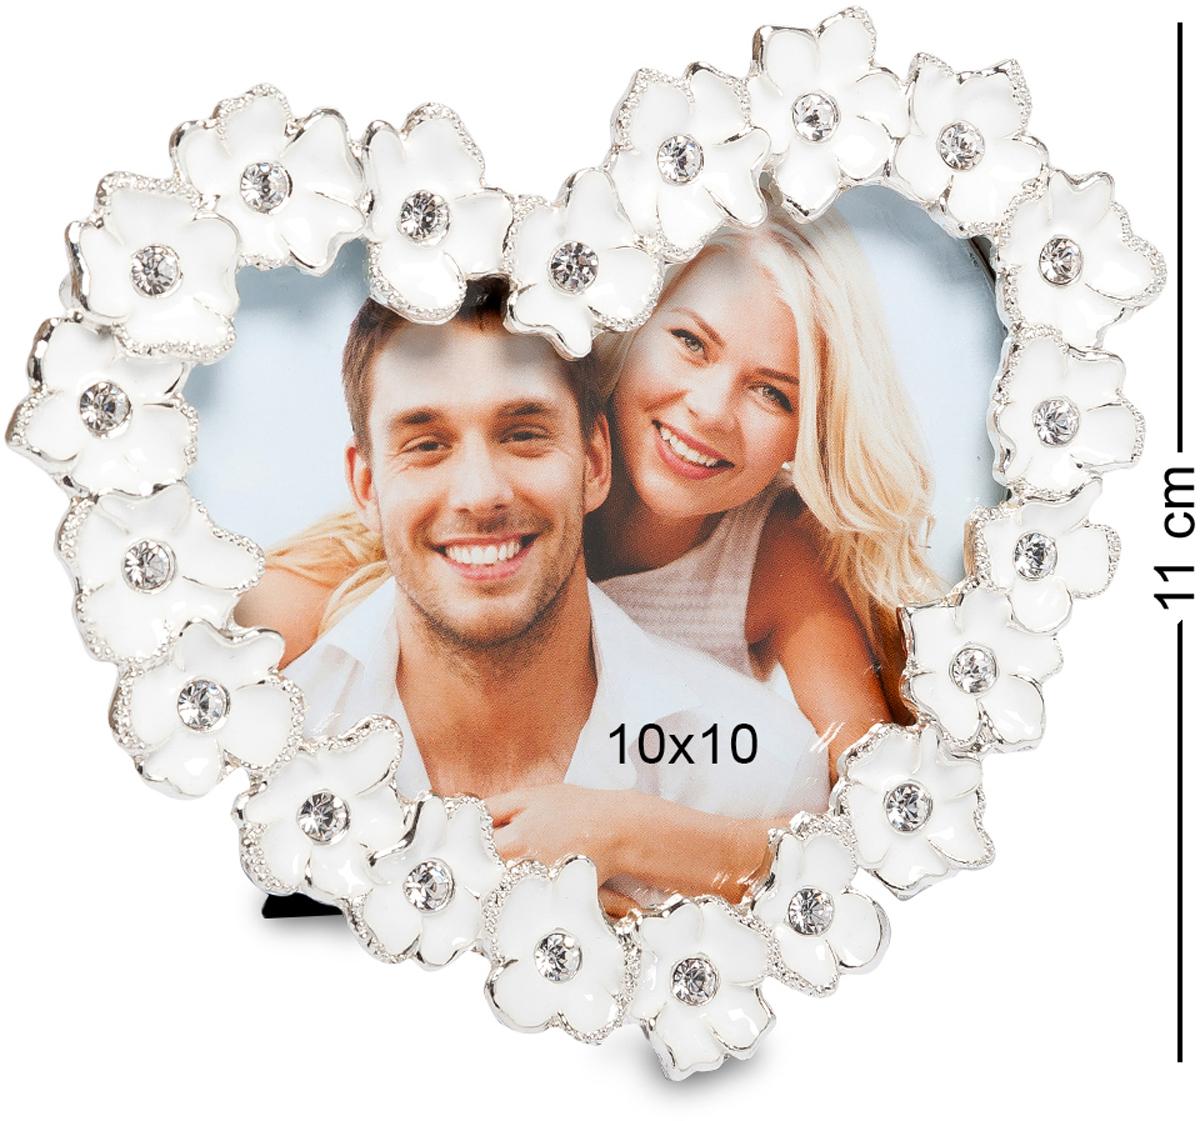 Фоторамка Bellezza Casa Цветочное сердце, фото 10х10. CHK-195CHK-195Фоторамка сердце для фотографий 10х10 см. Металлическая фоторамка Цветочное сердце украшена изысканными белоснежными цветами. Создает обстановку вечной романтики. Изящно обрамляет снимки счастливых влюбленных пар. Поставленная в спальне или гостиной, рамка великолепно отражает светлую любовь владельцев дома. Помогает надолго сохранить теплые взаимоотношения. Станет изумительным подарком любимому в День Влюбленных, на дату знакомства или годовщину бракосочетания.